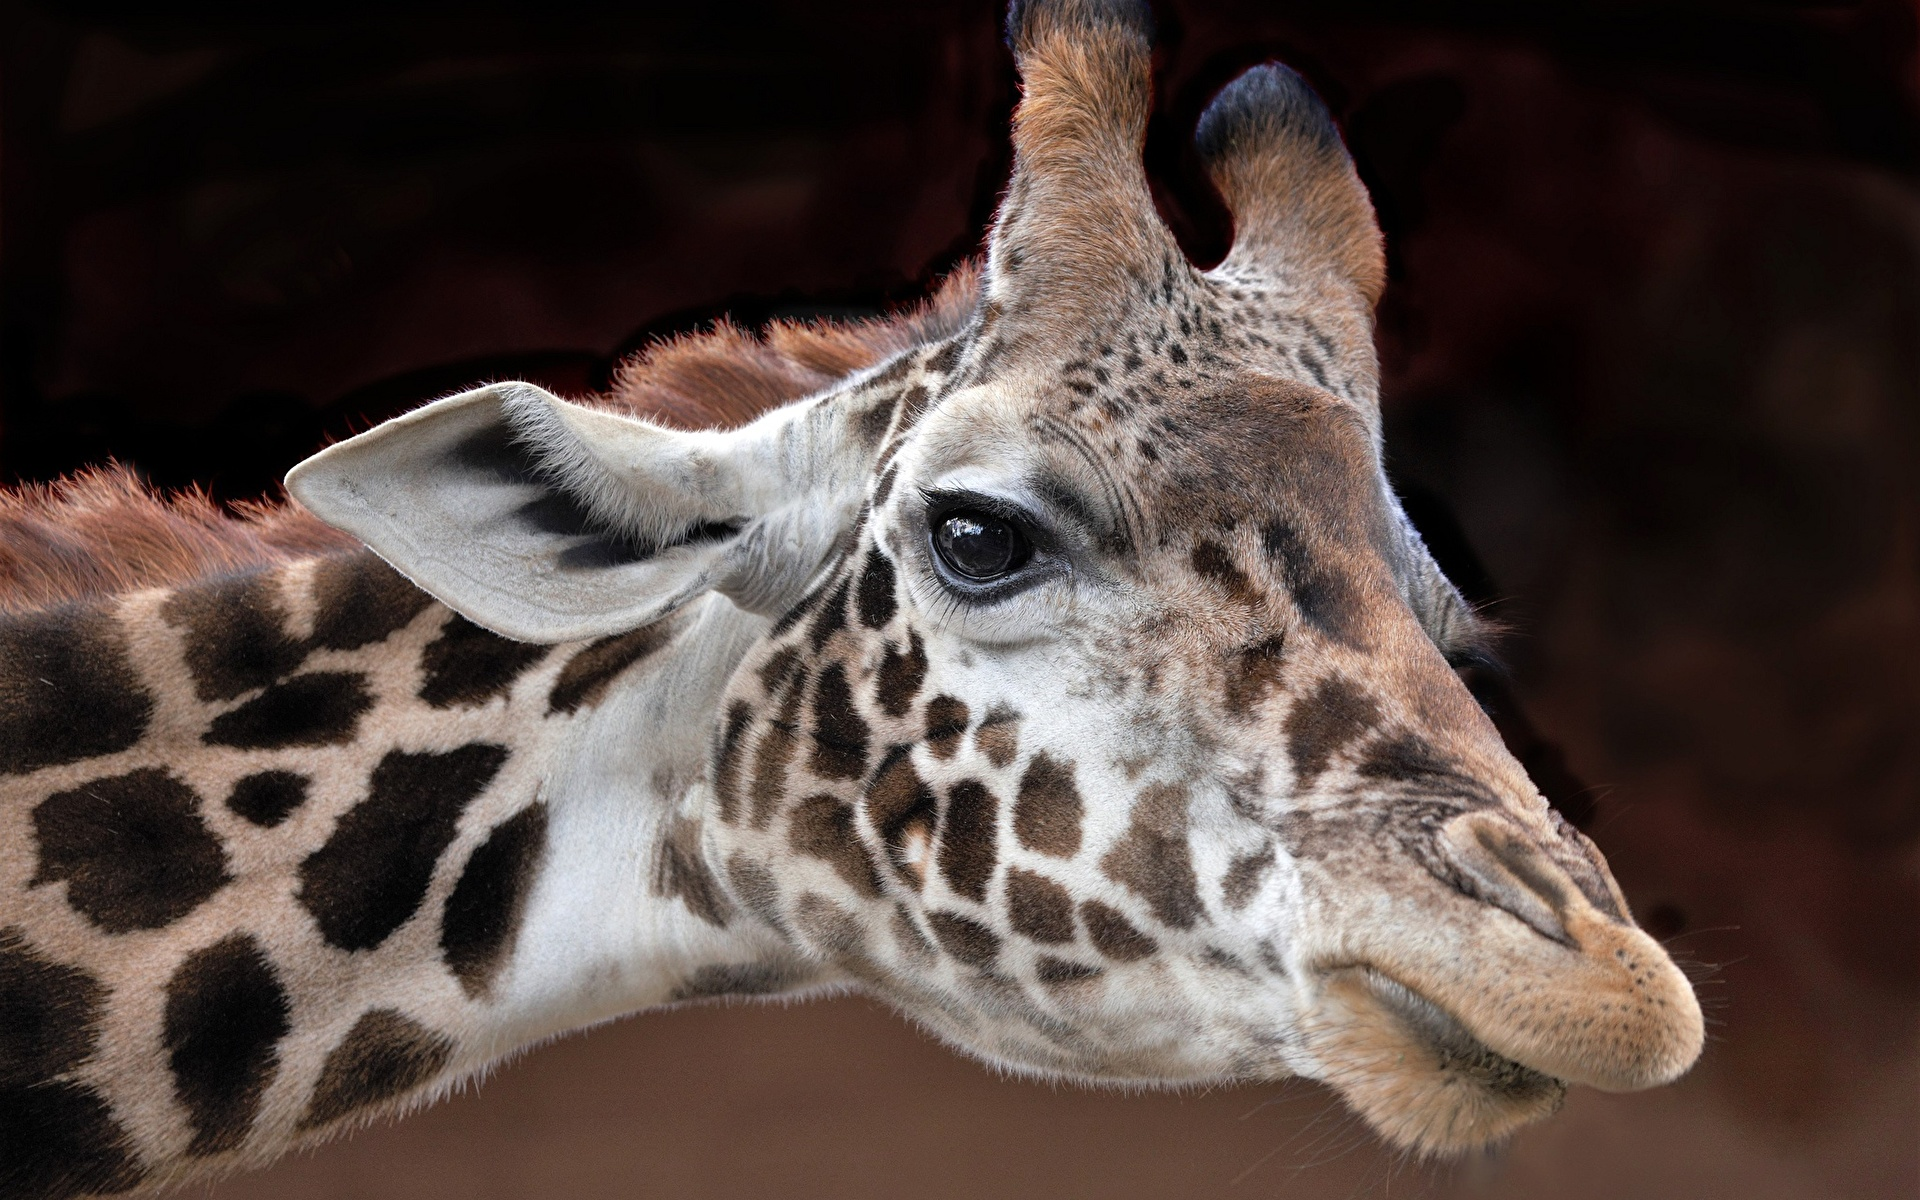 Фото Жирафы Взгляд Голова вблизи Животные 1920x1200 головы смотрят смотрит Крупным планом